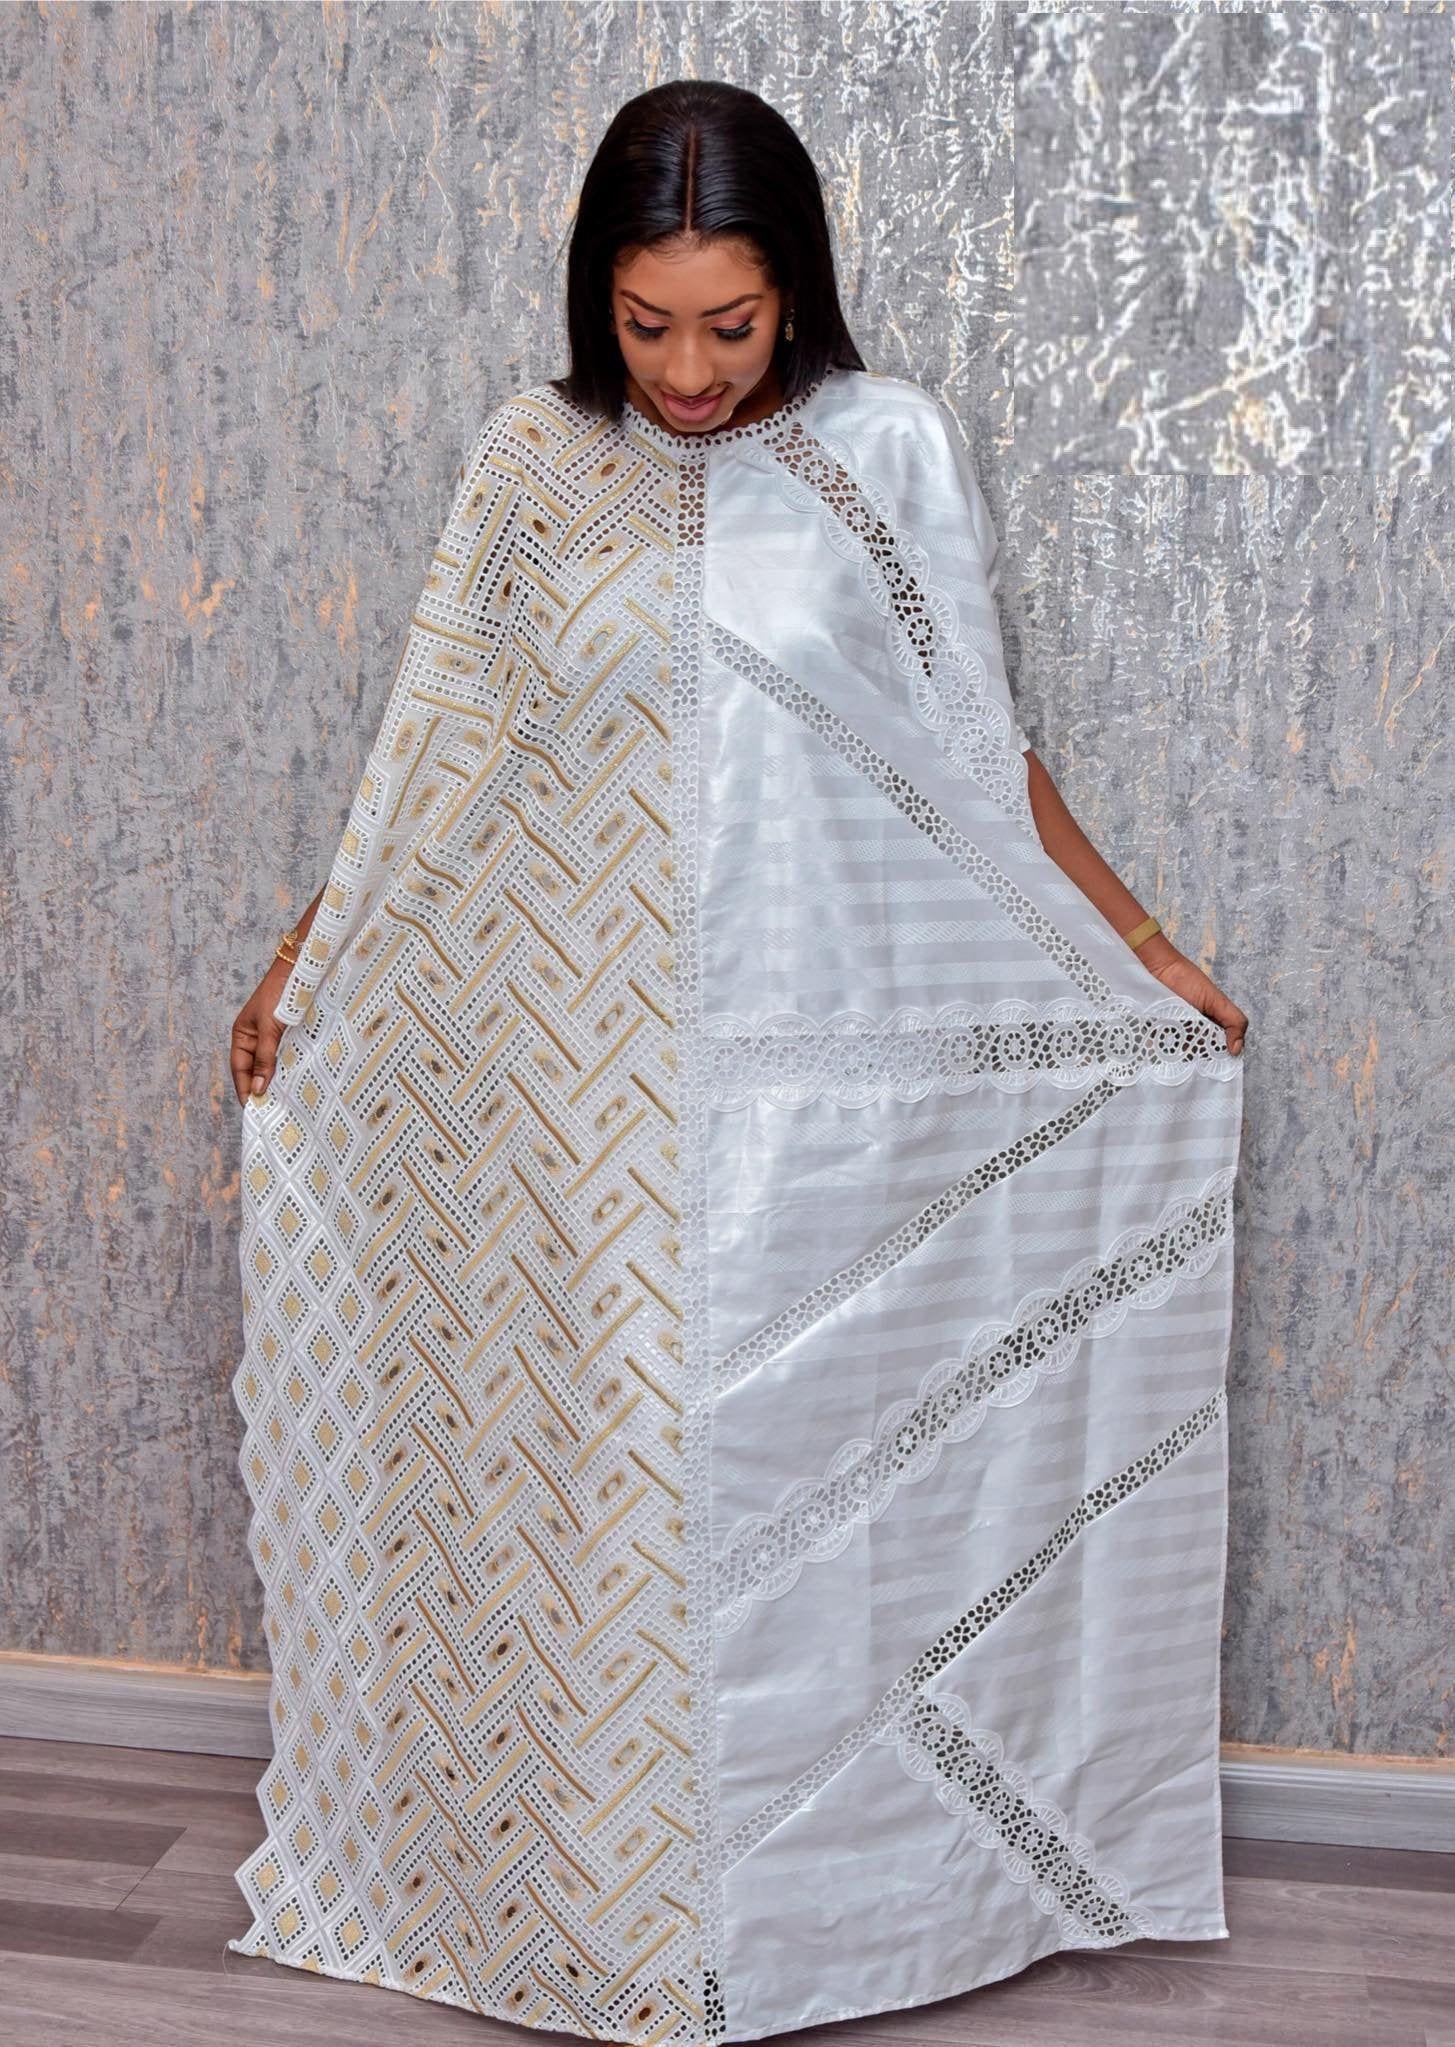 Premium Getzner magnum gold African dress_African clothing_African fashion_ African dress_Bazin boubou, Plus size dress_Plus size clothing